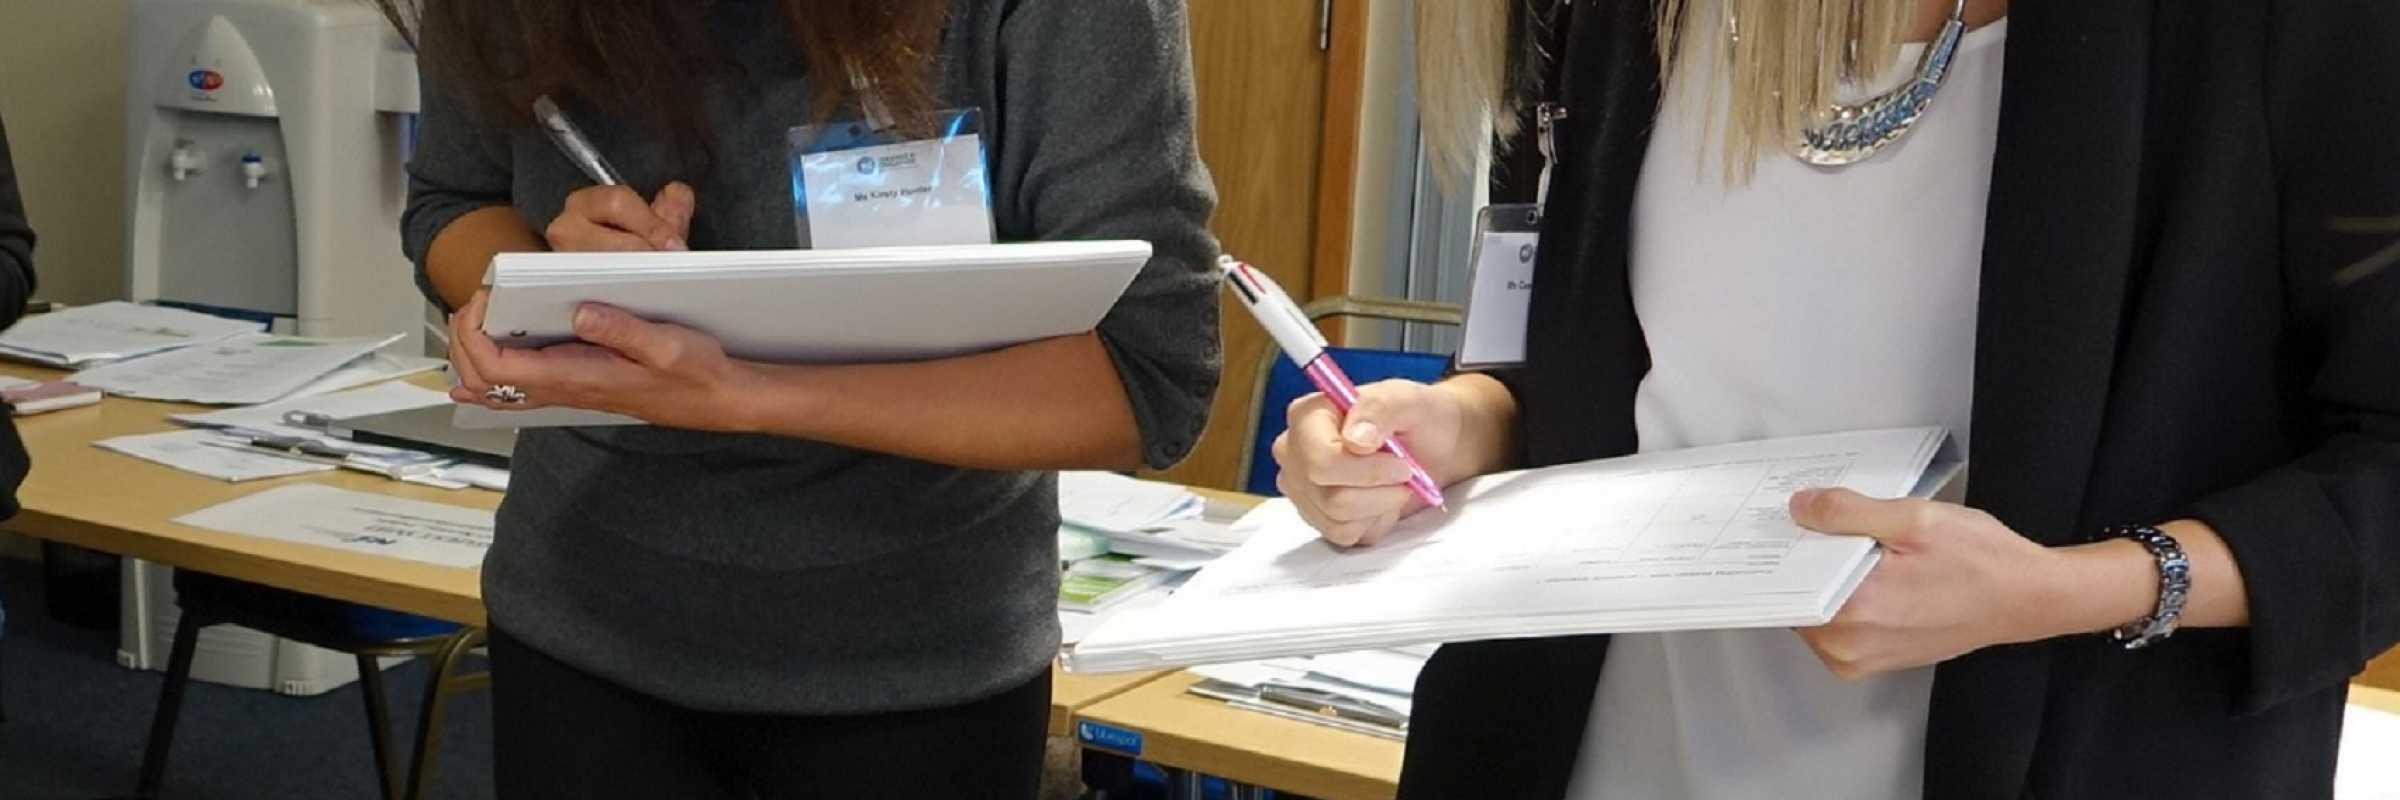 Dietary Assessment Methods workshop_Sept 2015